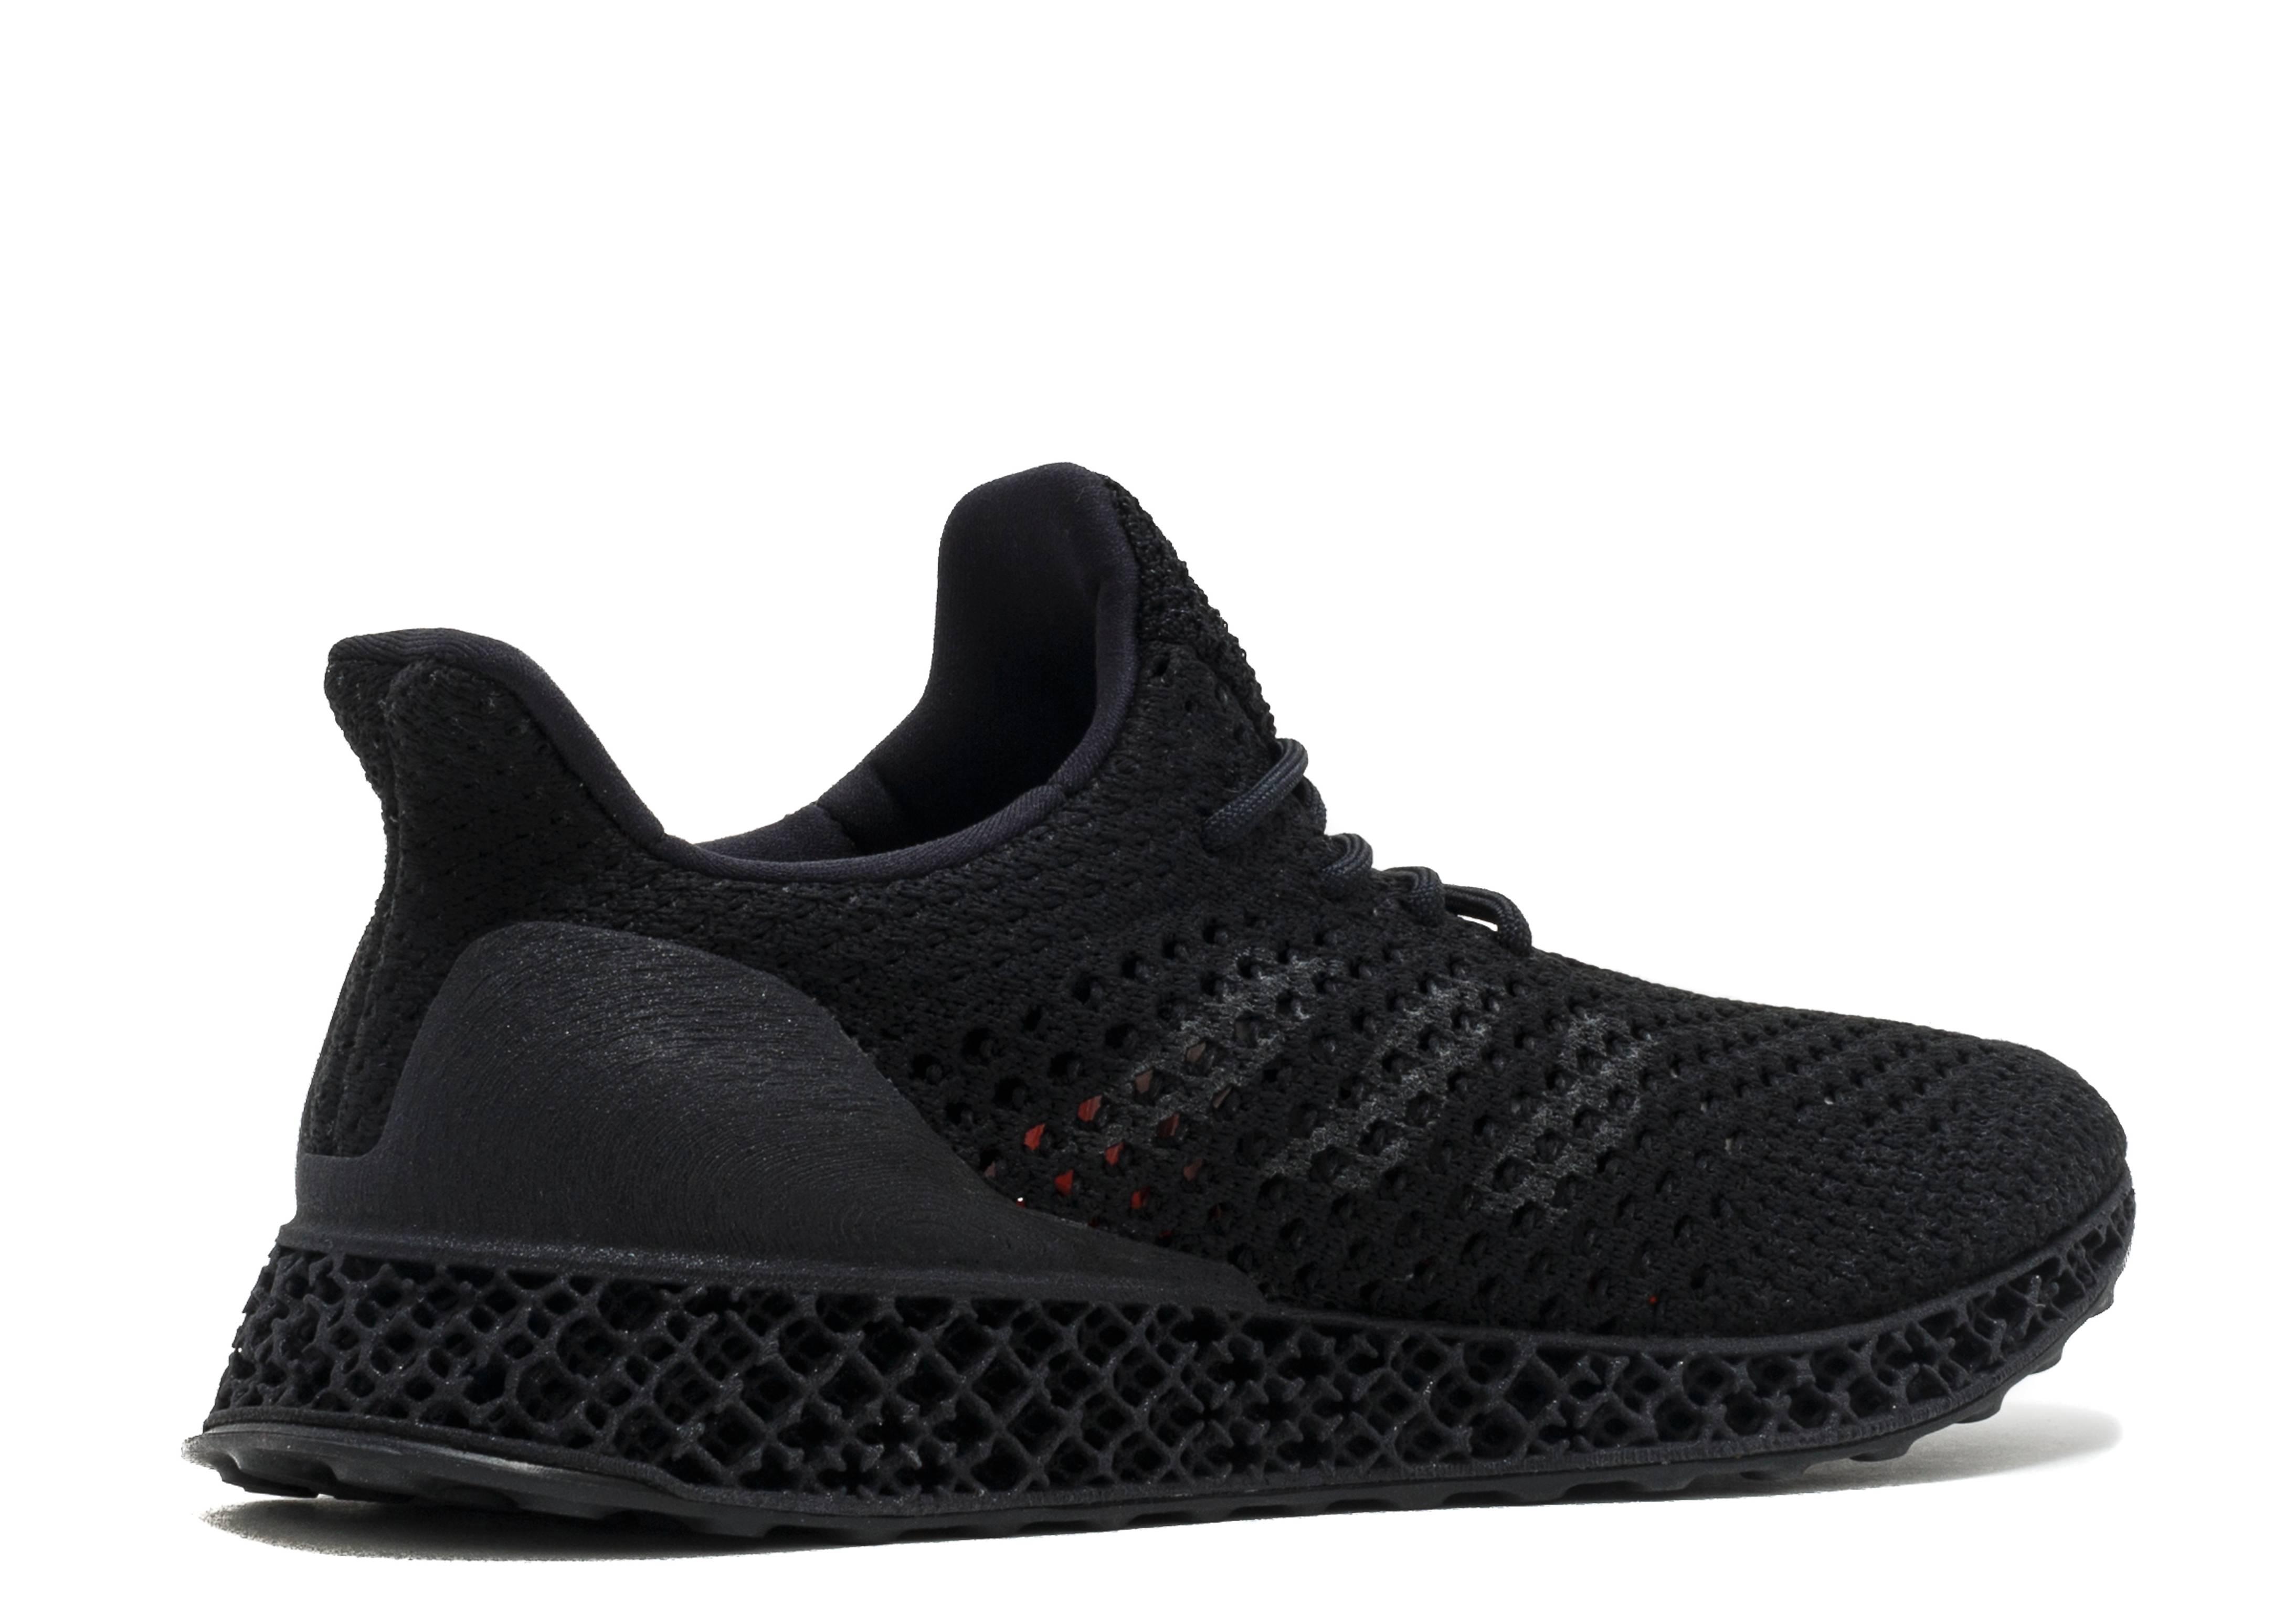 00ecdc4037a12 Adidas 3d Runner